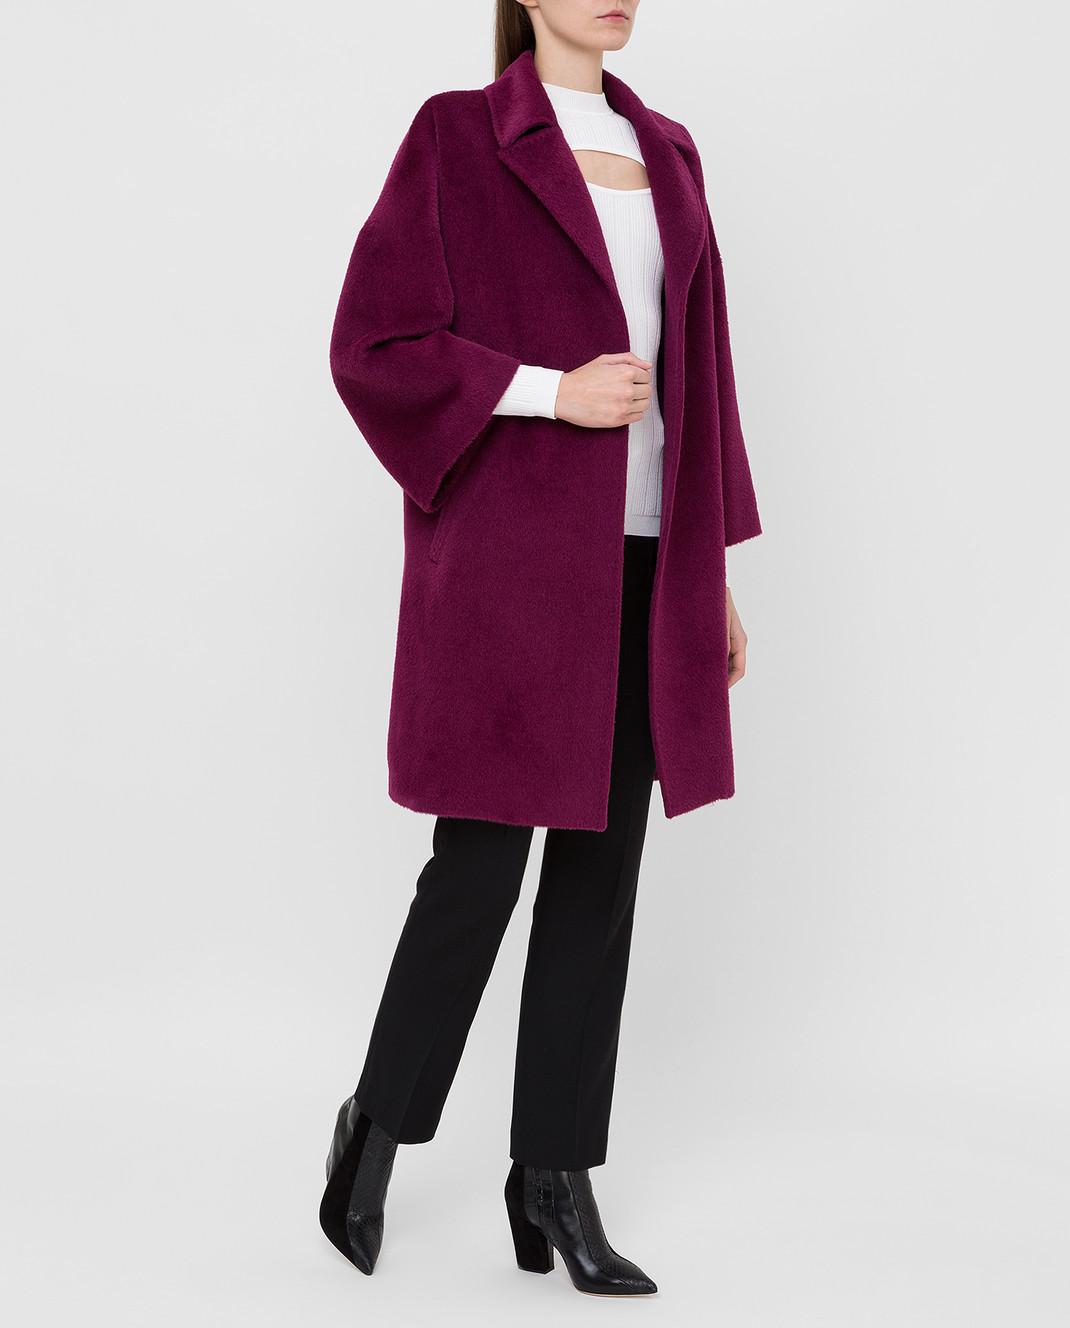 Heresis Светло-фиолетовое пальто из ламы и шерсти K8095 изображение 2